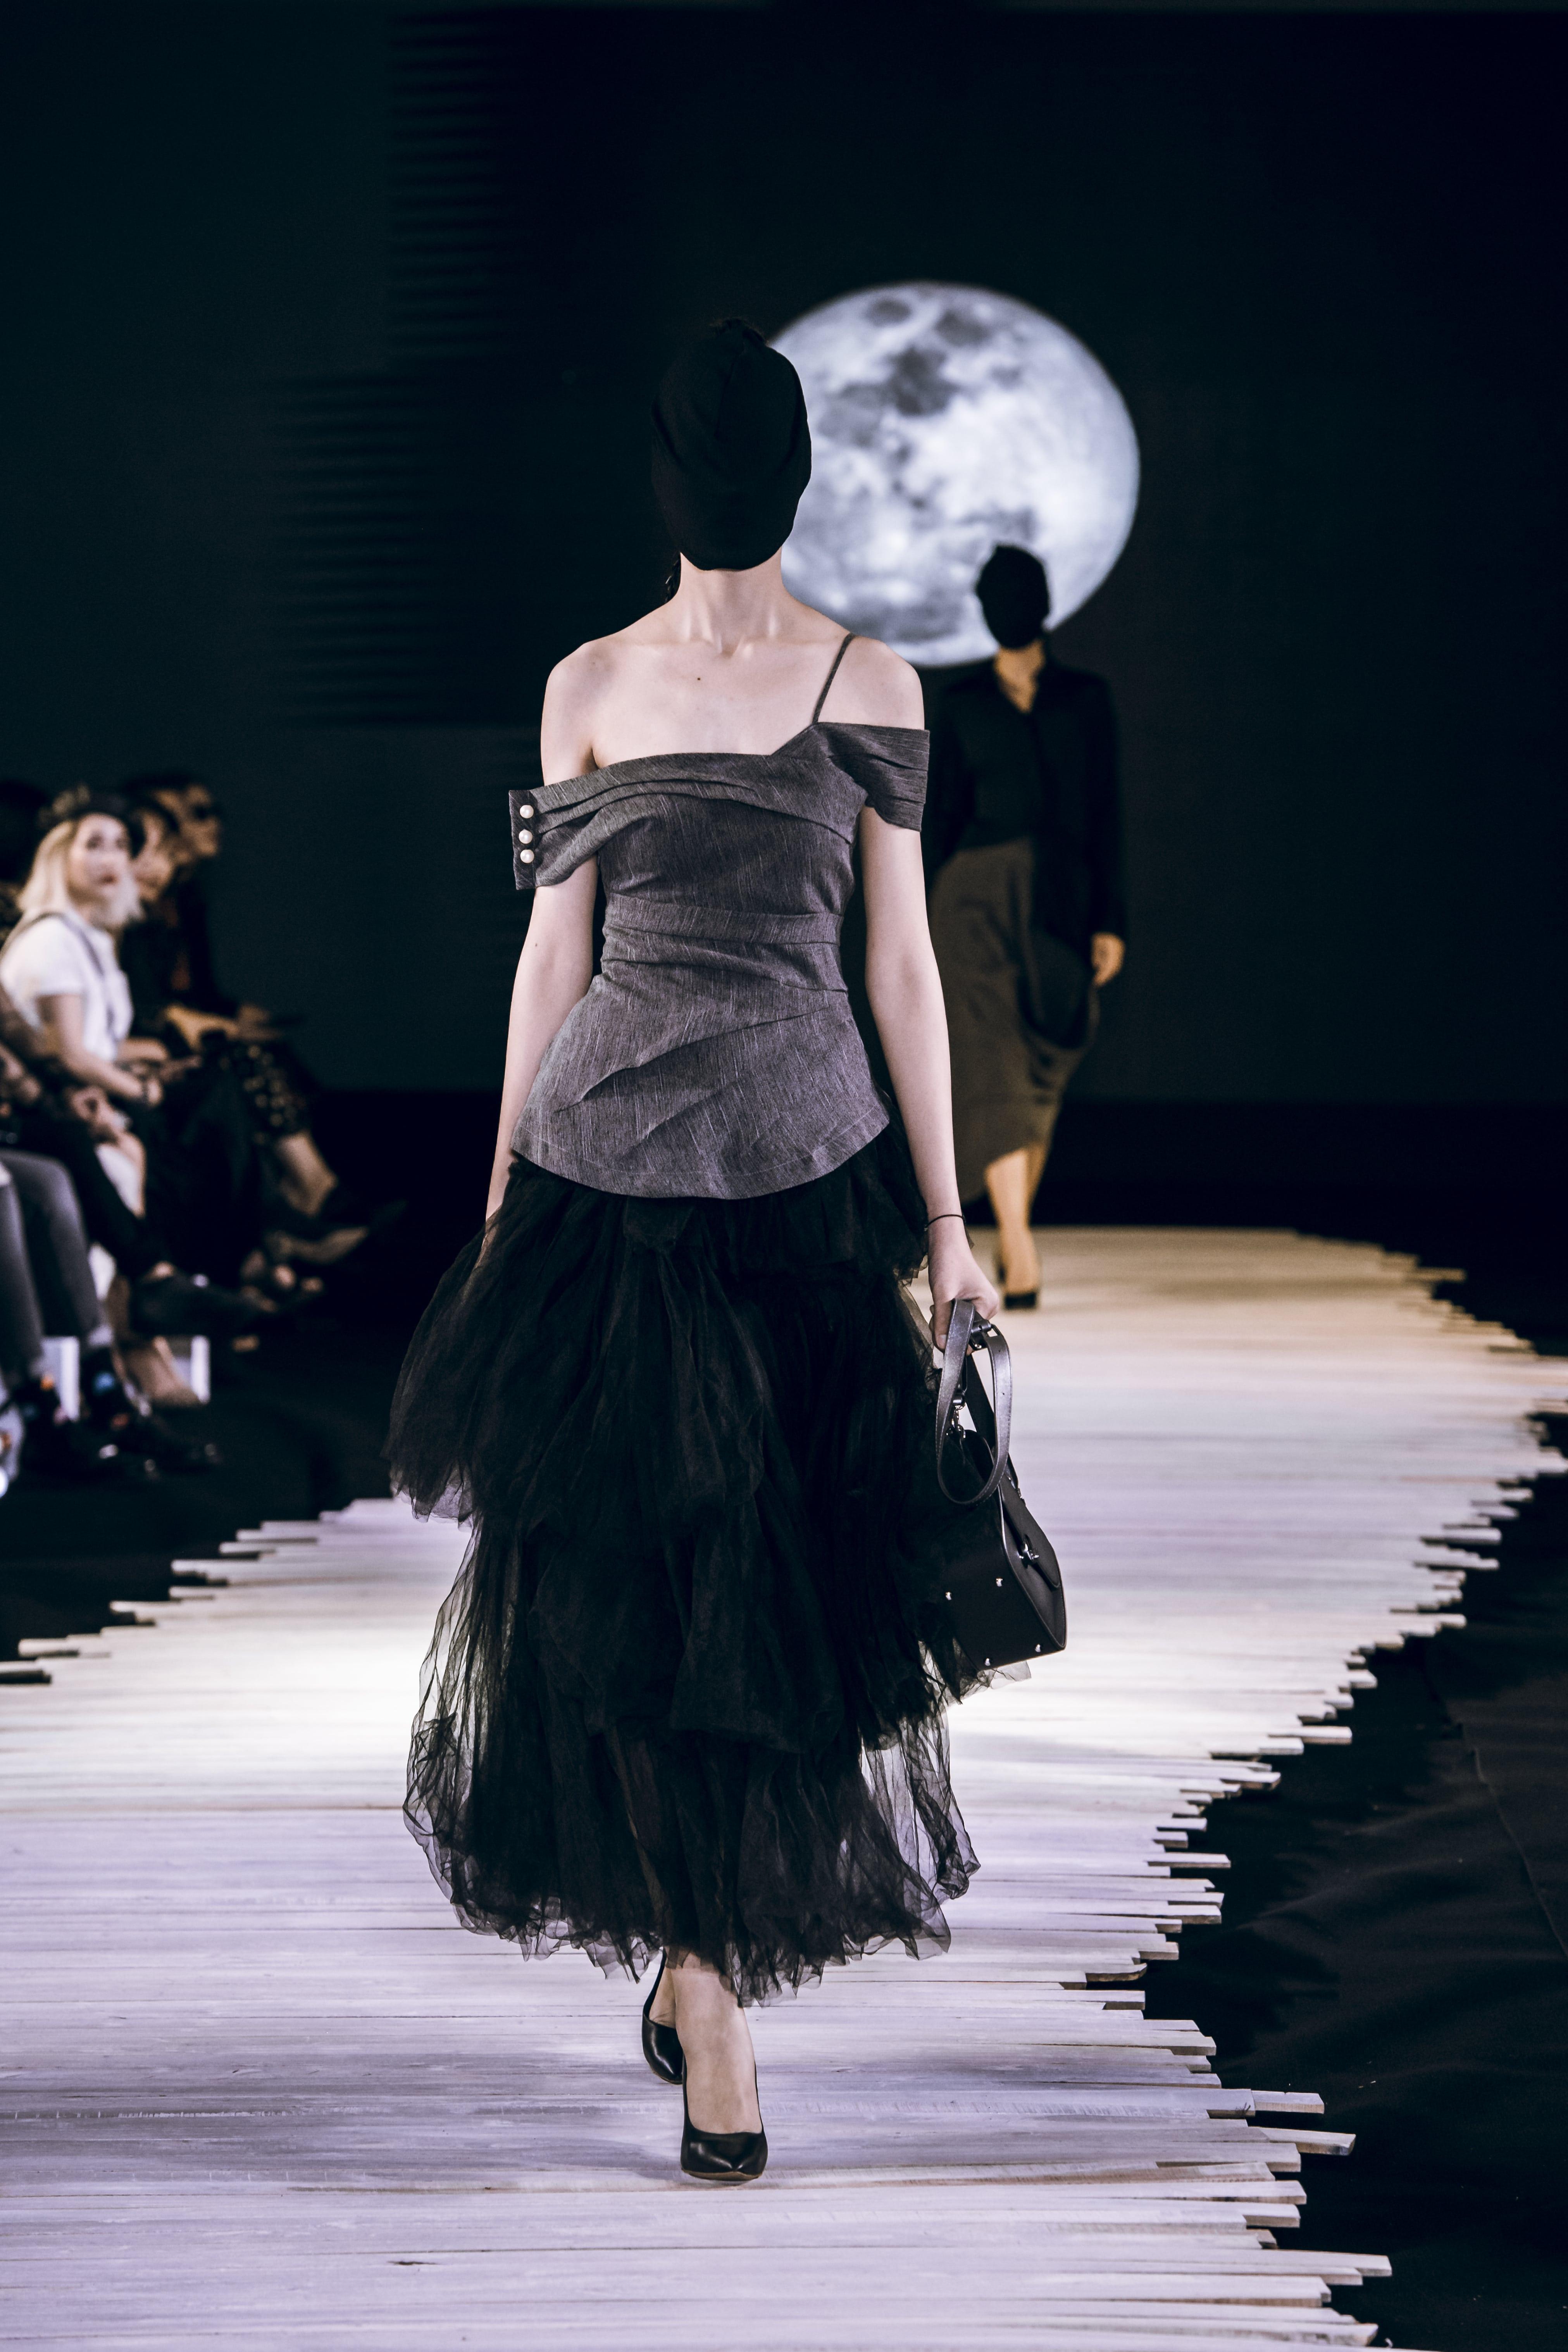 Người mẫu mặc áo xám lệch vai và chân váy đen